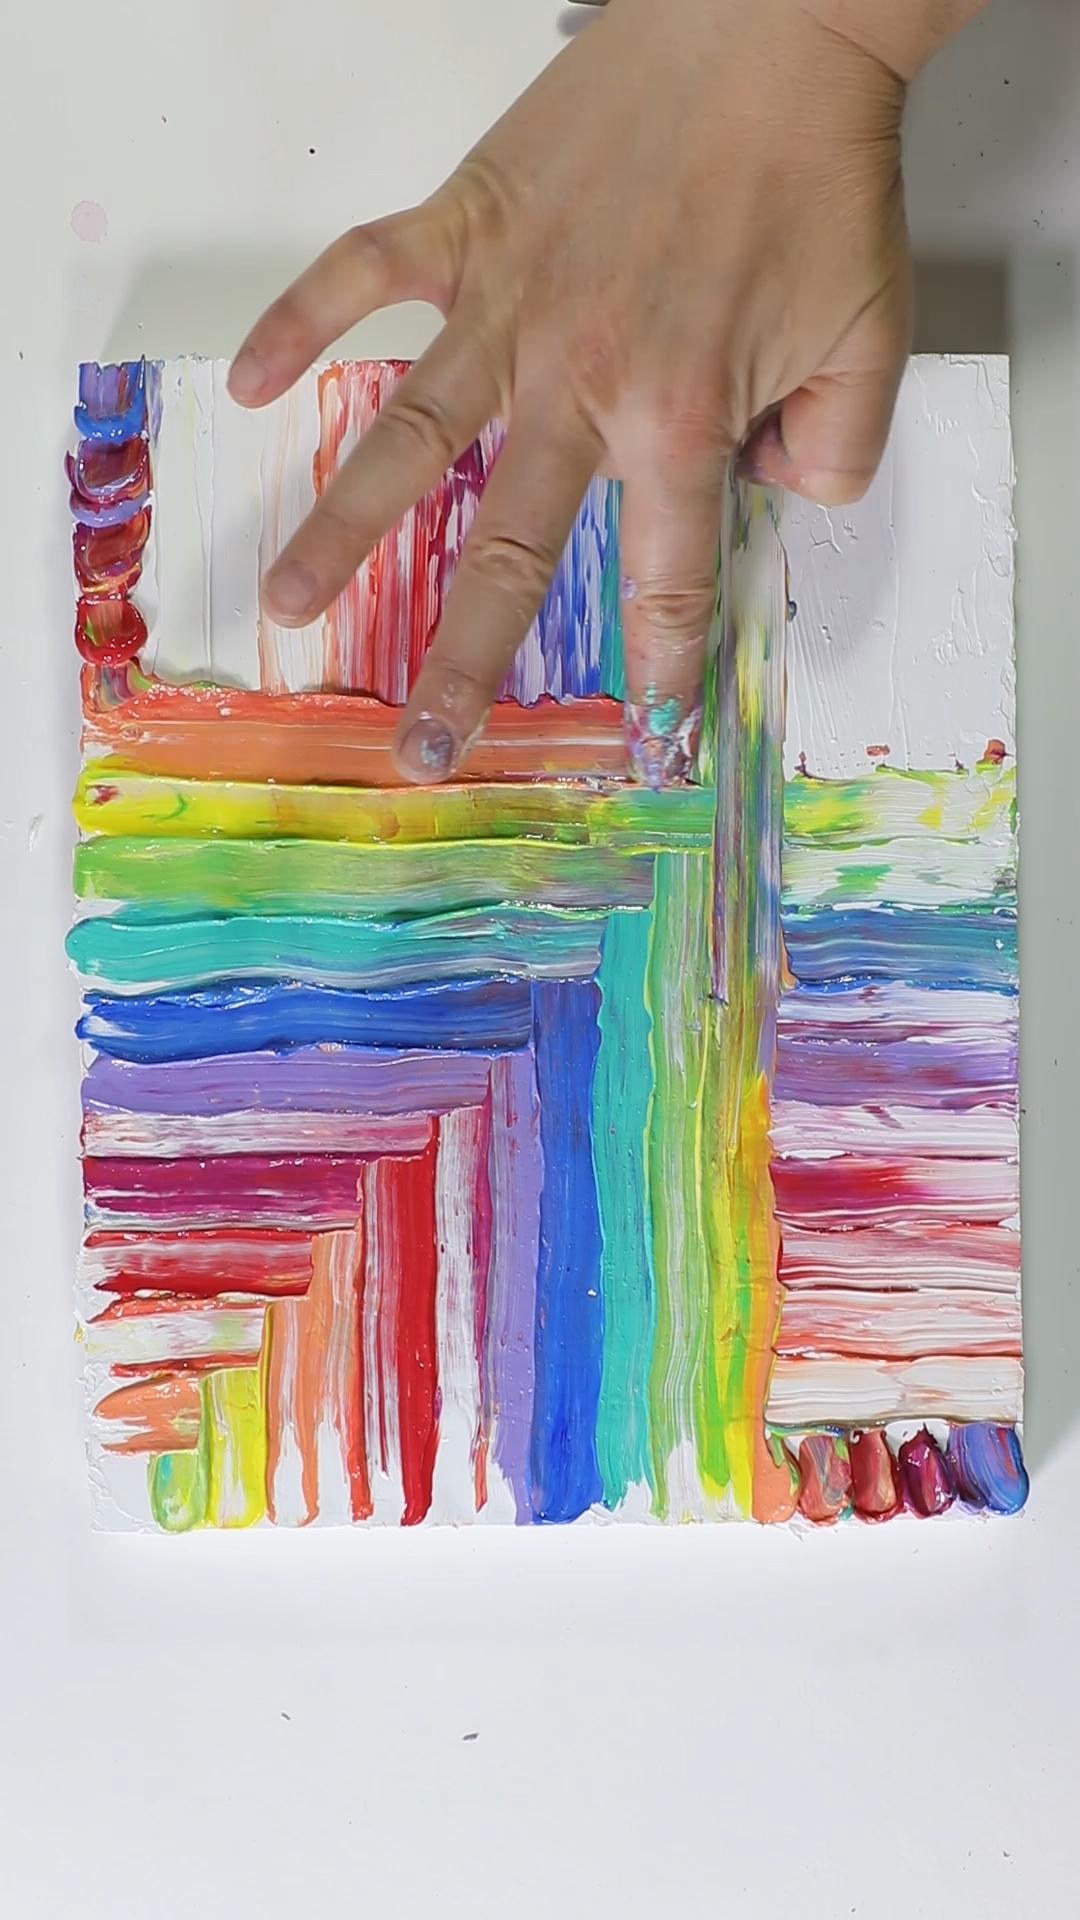 Mesmerizing Acrylic Finger Painting images